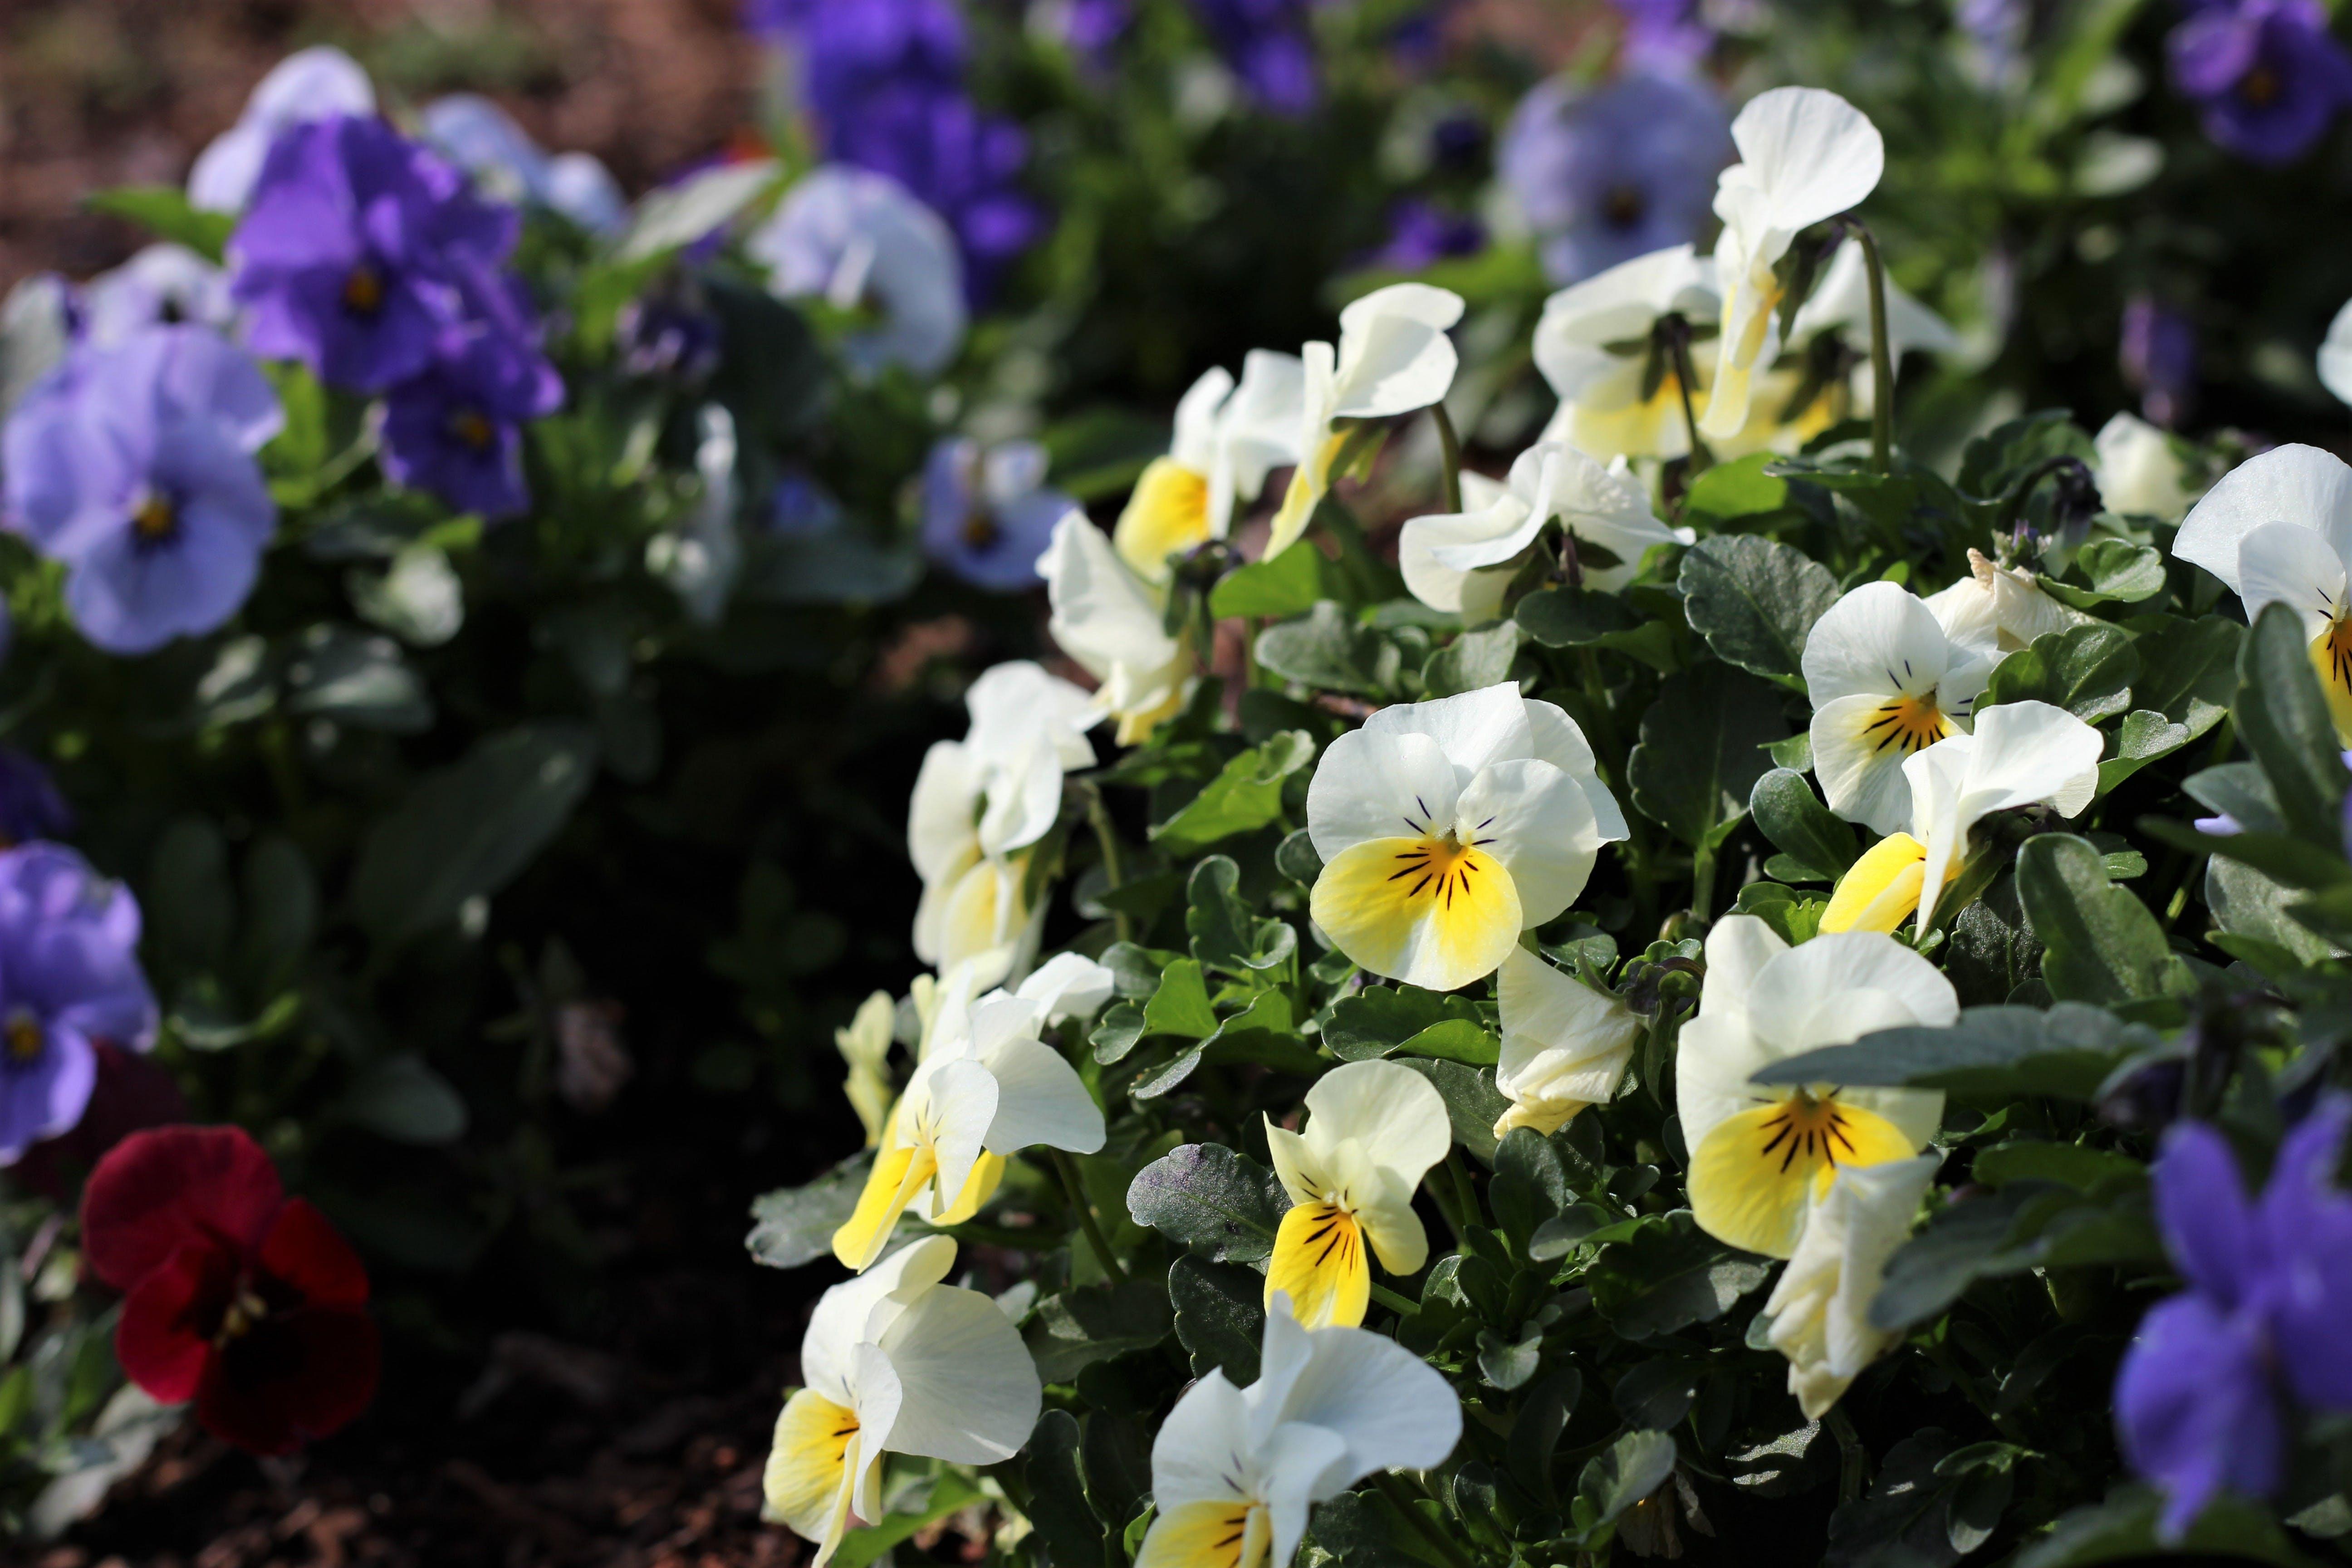 Kostenloses Stock Foto zu blumen, blumenbeet, botanischer garten, farben